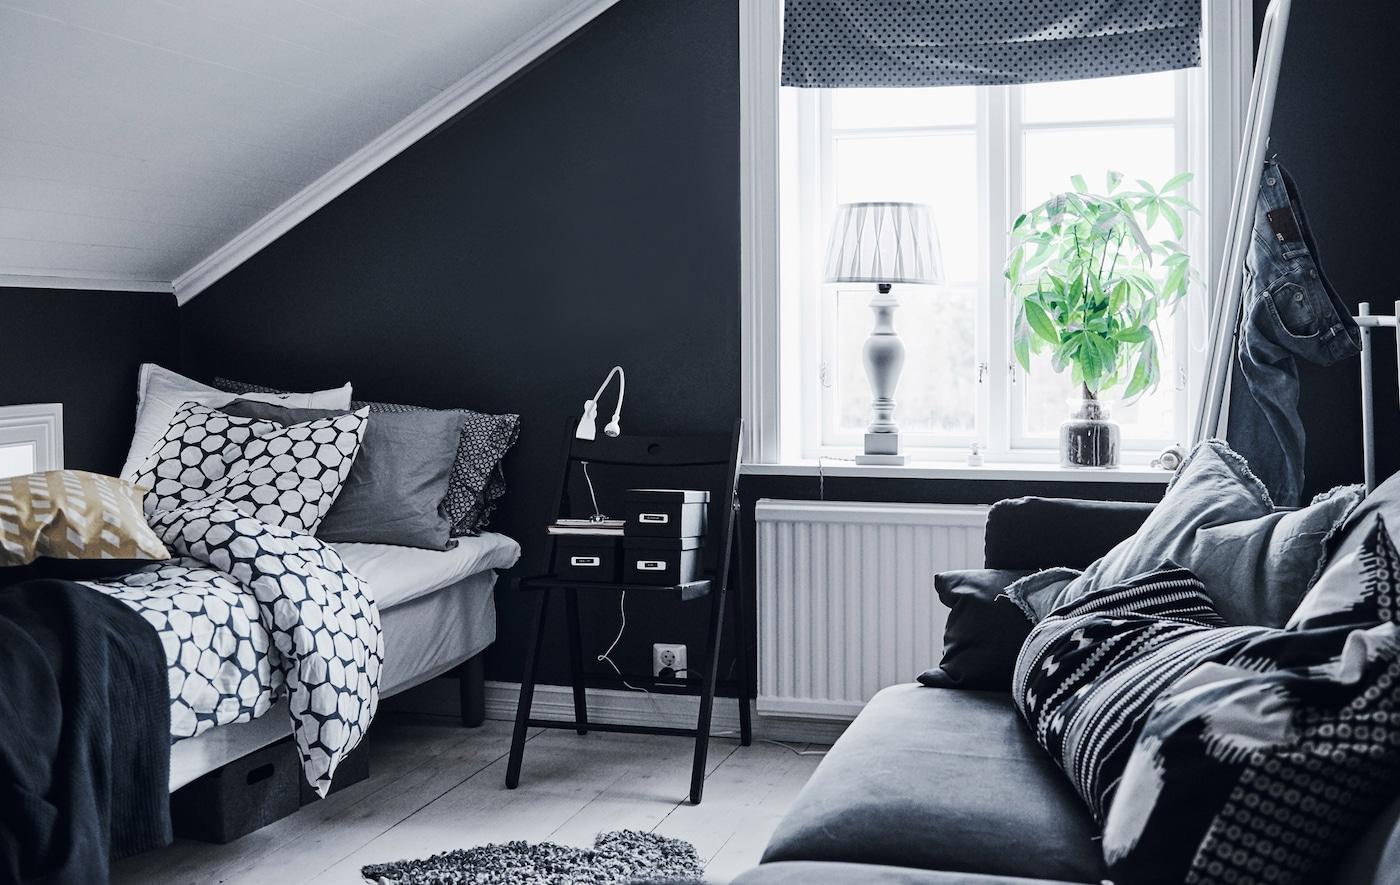 Cooles Jugendzimmer Einrichten Mix Style Ikea